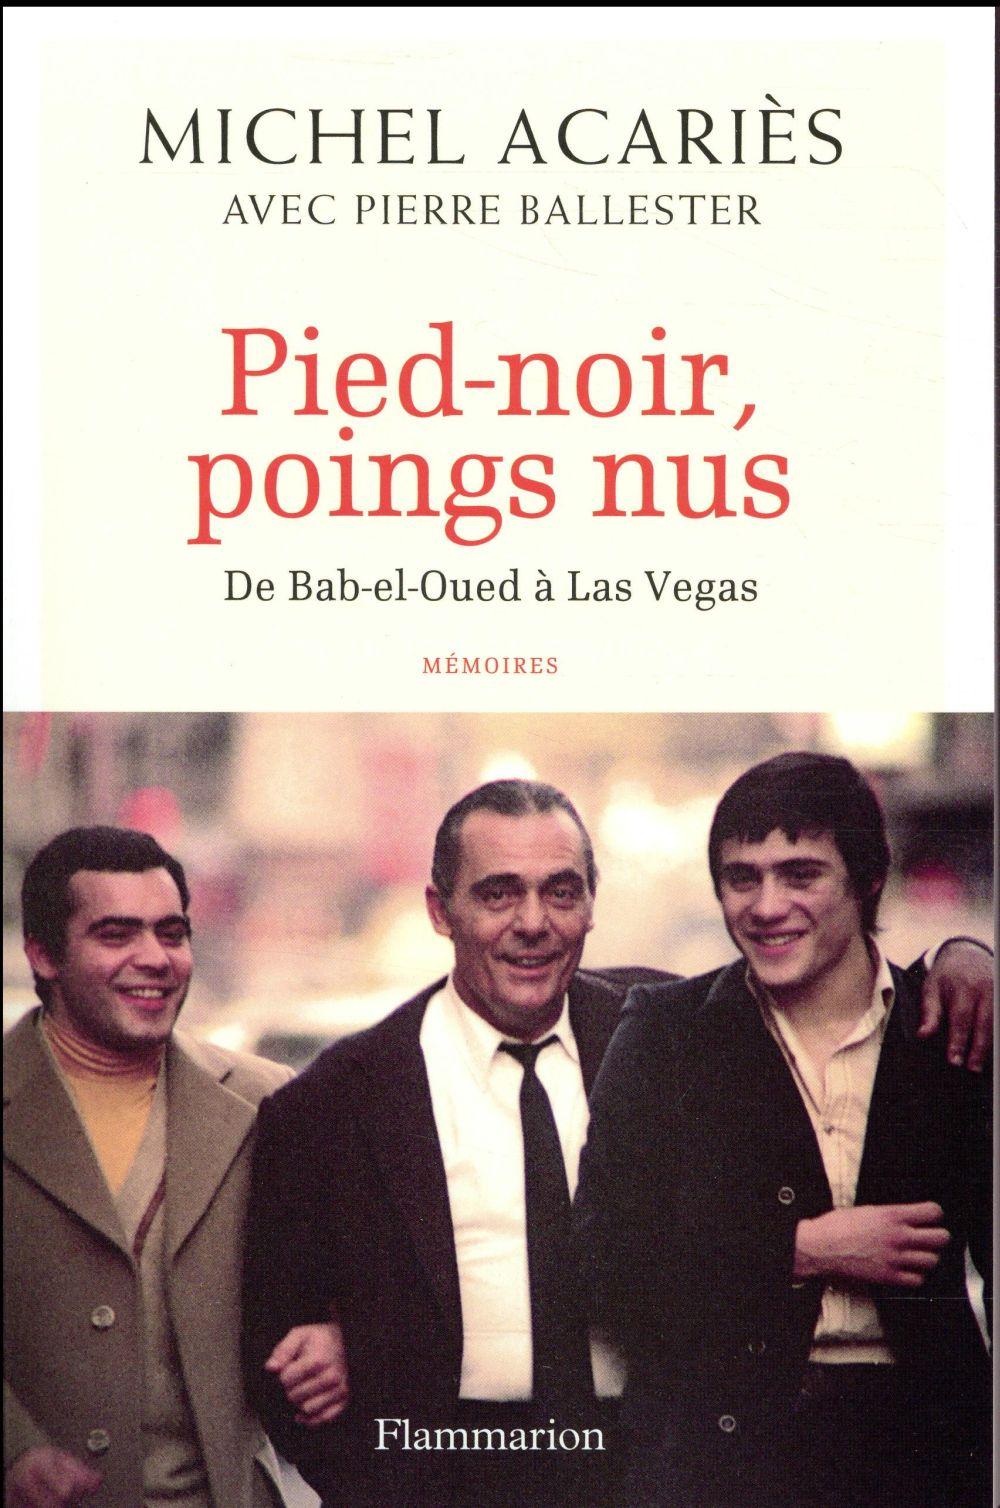 Pied-noir, poings nus ; de Bab-el-Oued à Las Vegas